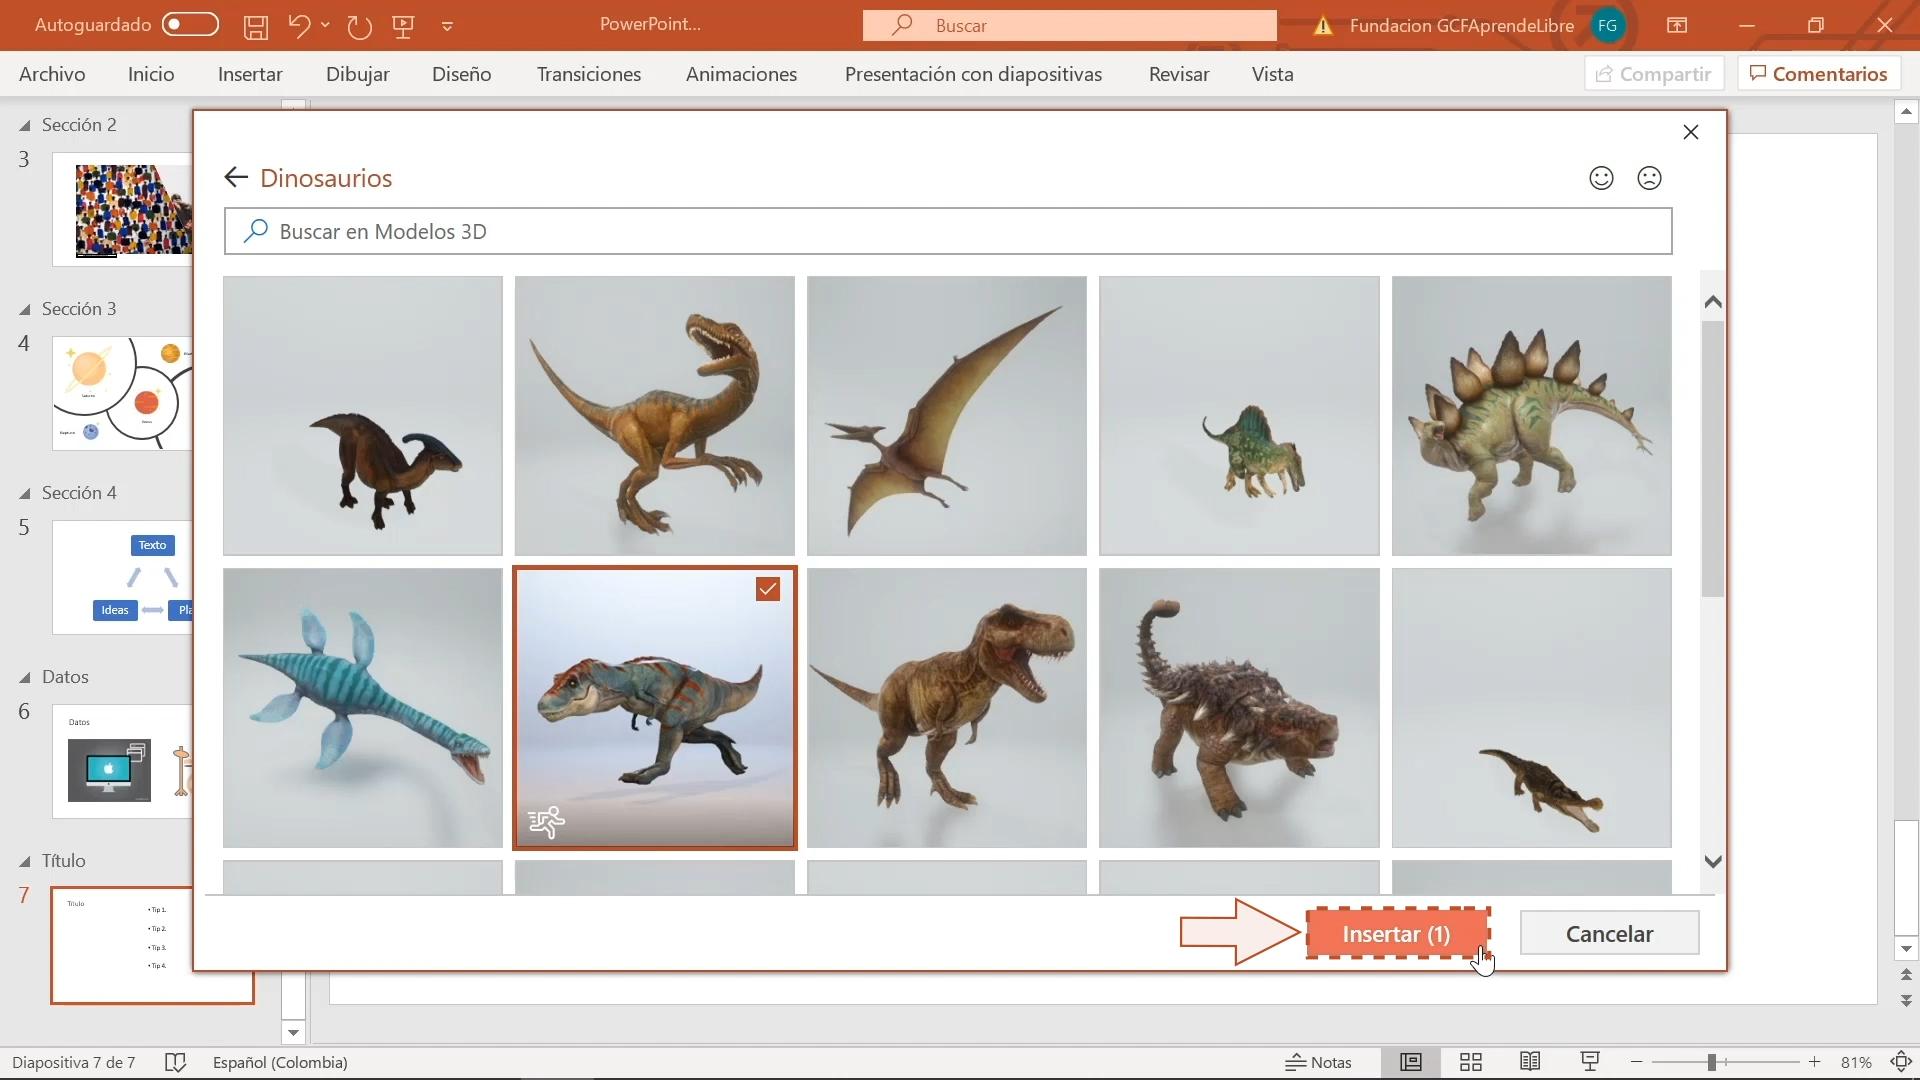 Imagen de modelo 3D elegido y haciendo clic en Insertar.